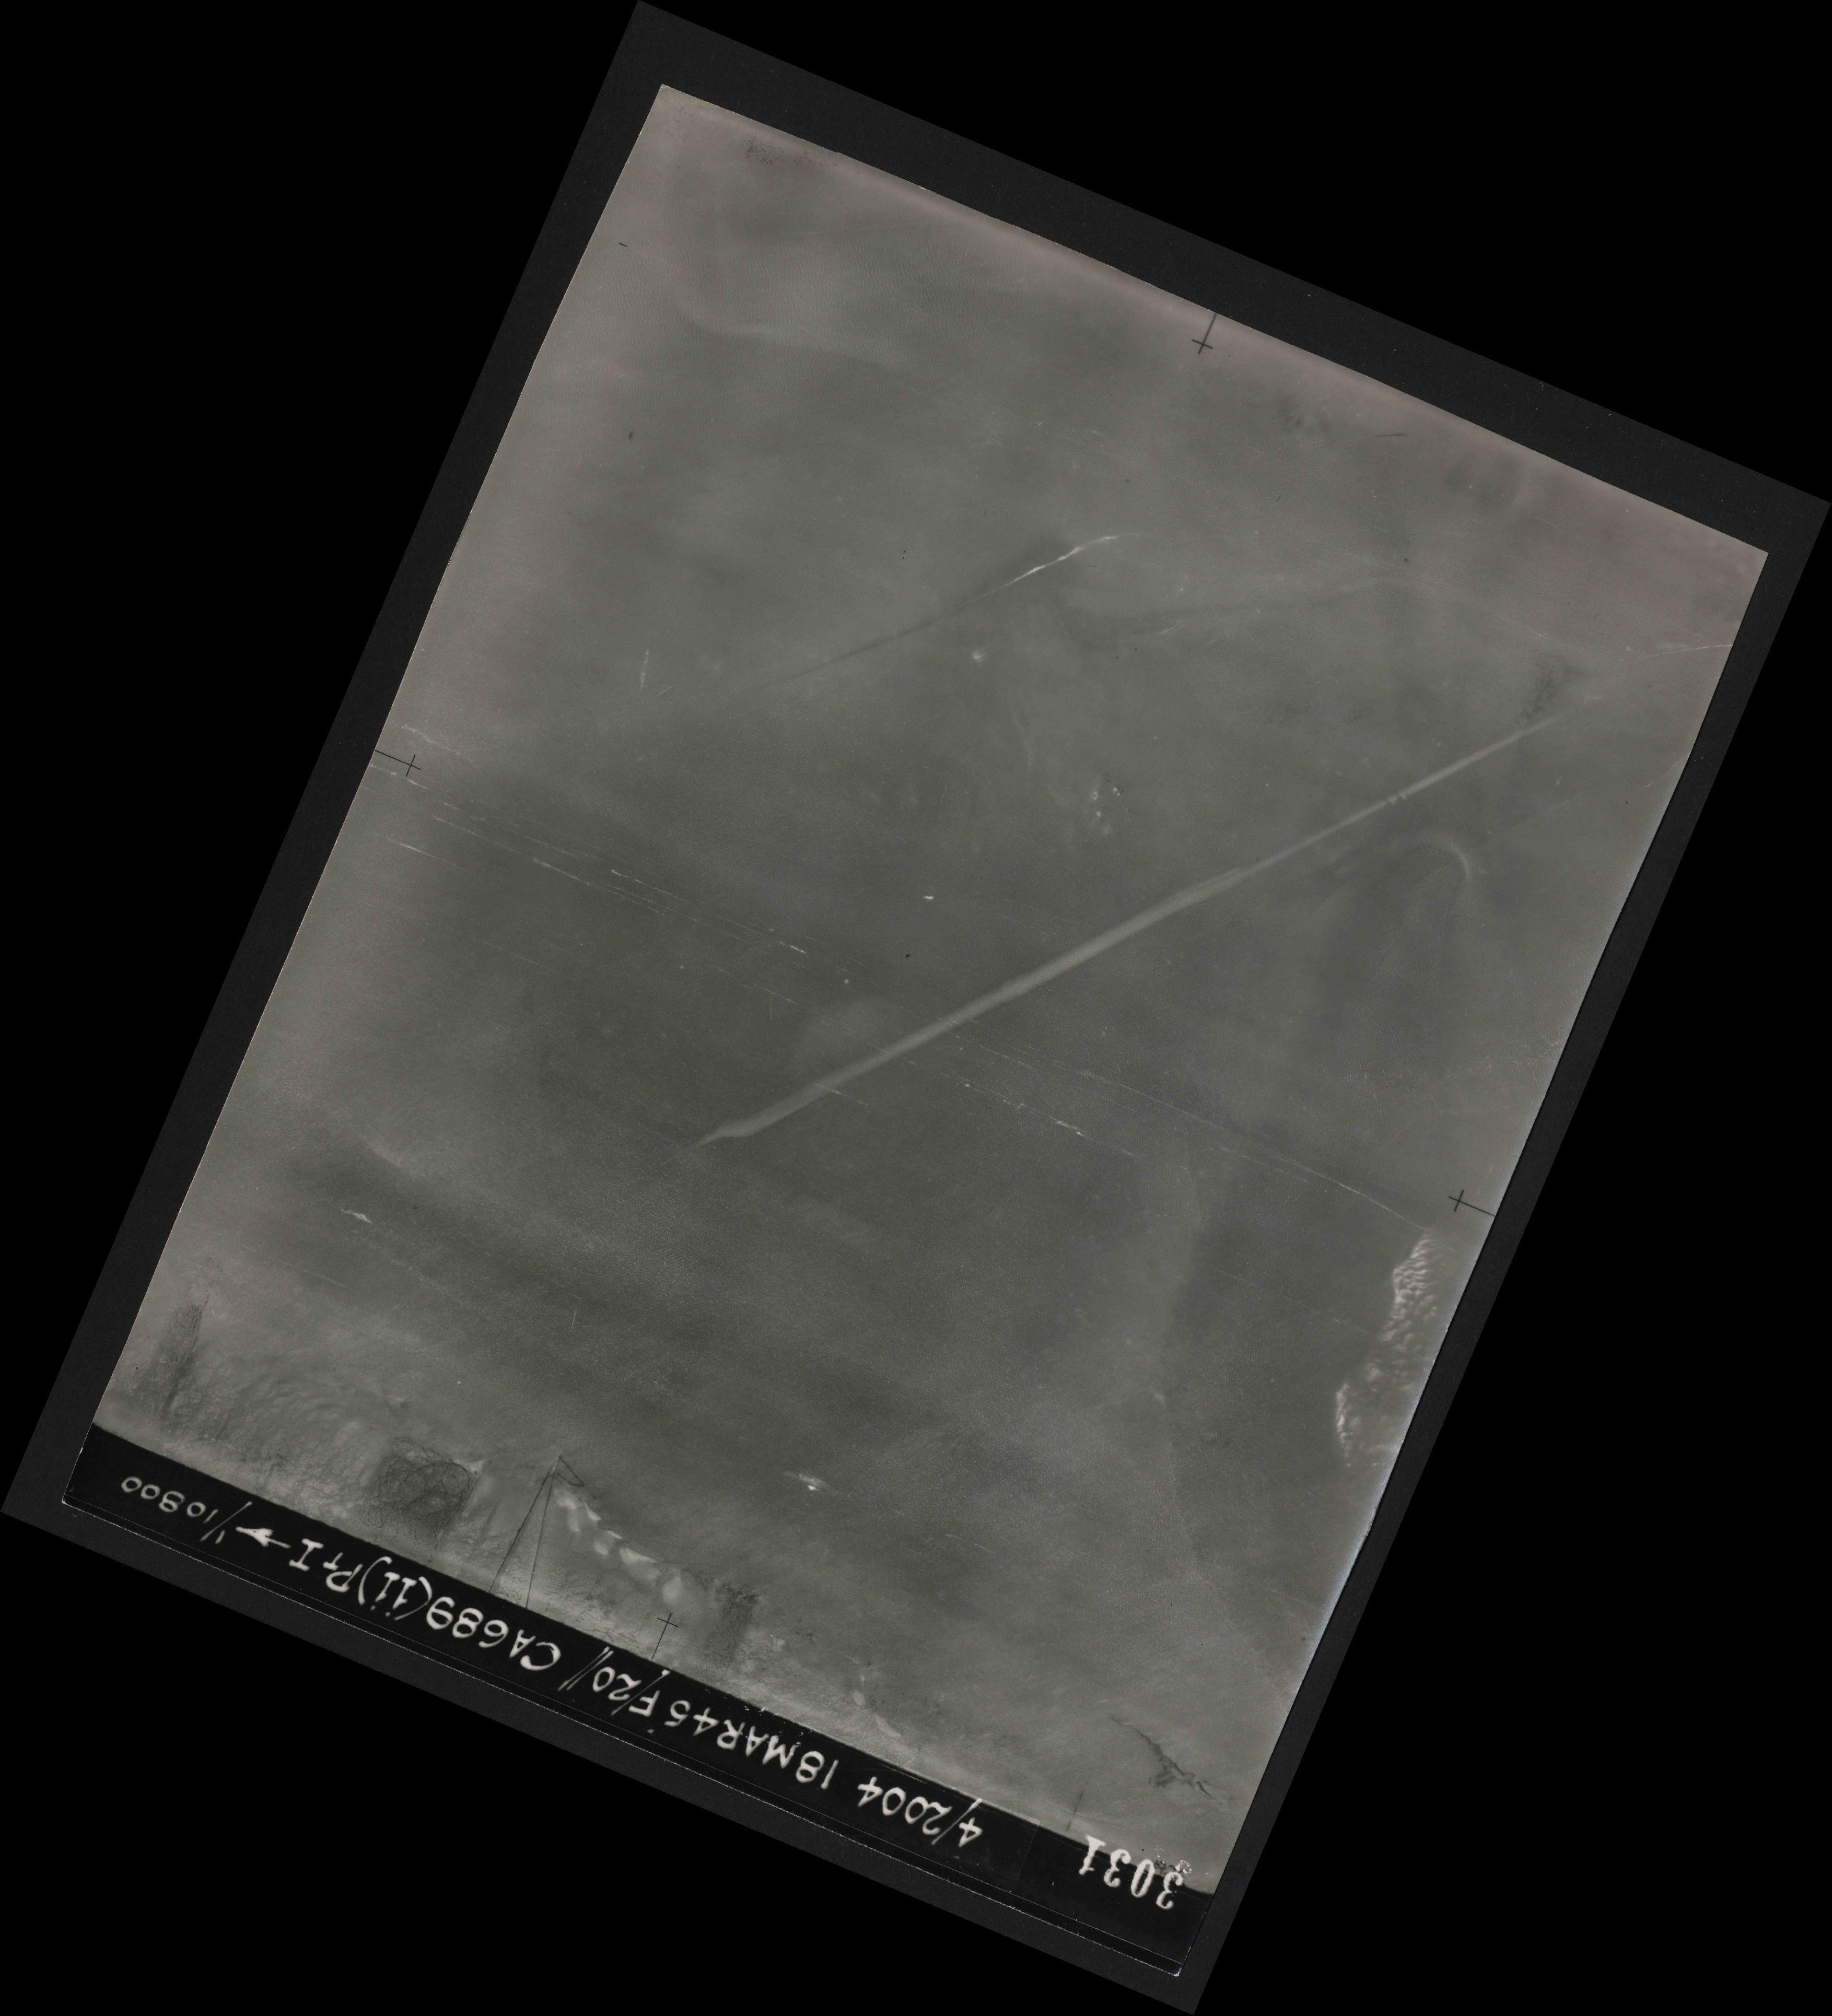 Collection RAF aerial photos 1940-1945 - flight 076, run 12, photo 3031